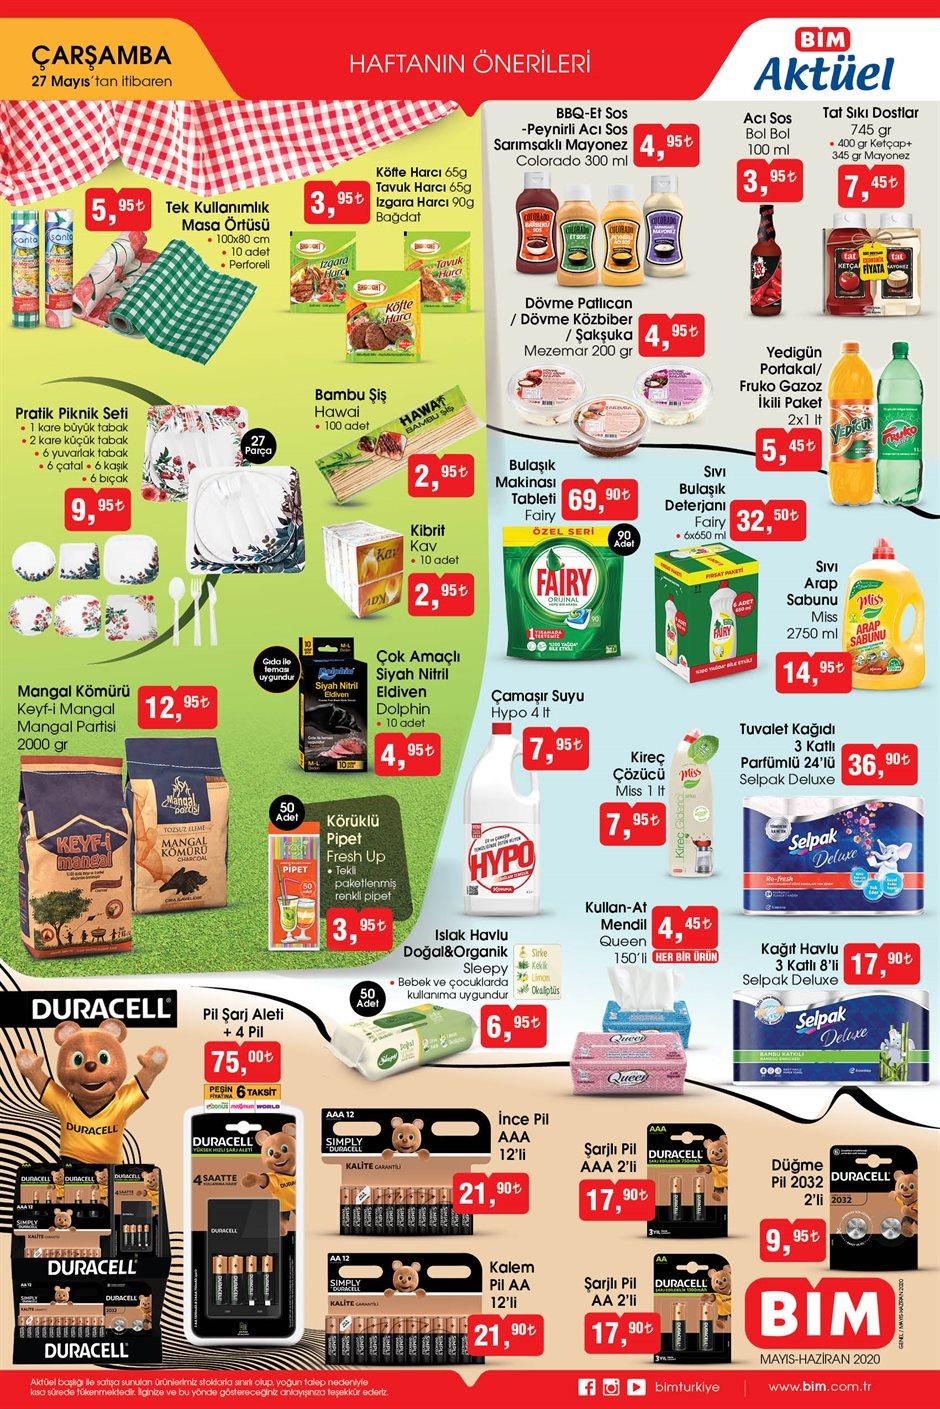 BİM aktüel ürünler kataloğu 27 Mayıs indirimleri belli oldu